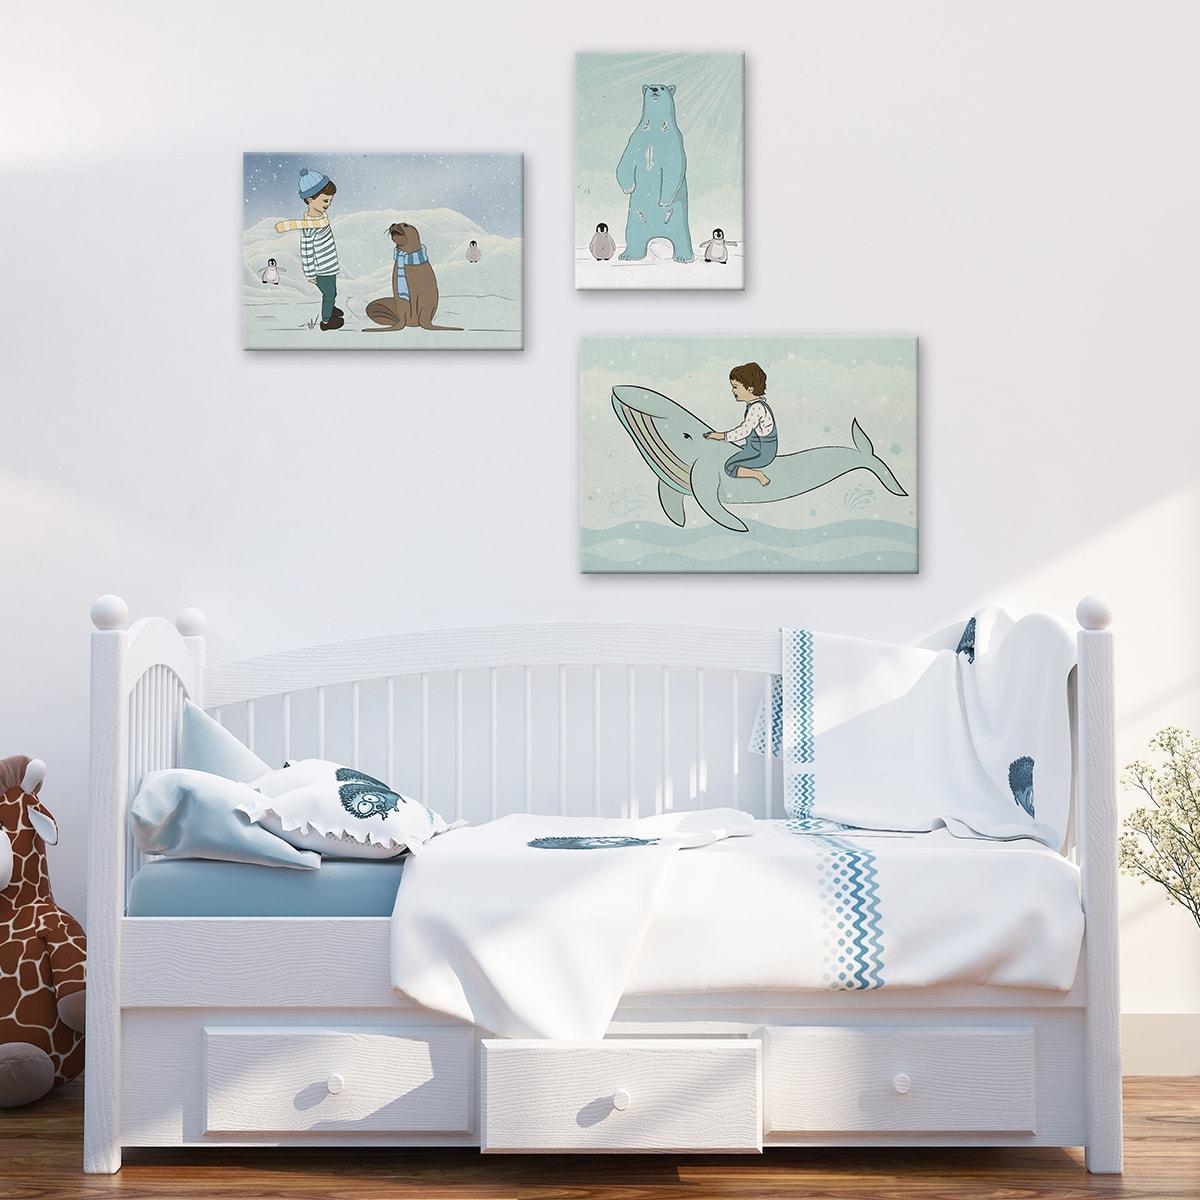 תמונה לחדר ילדים - דגם דב בשלג